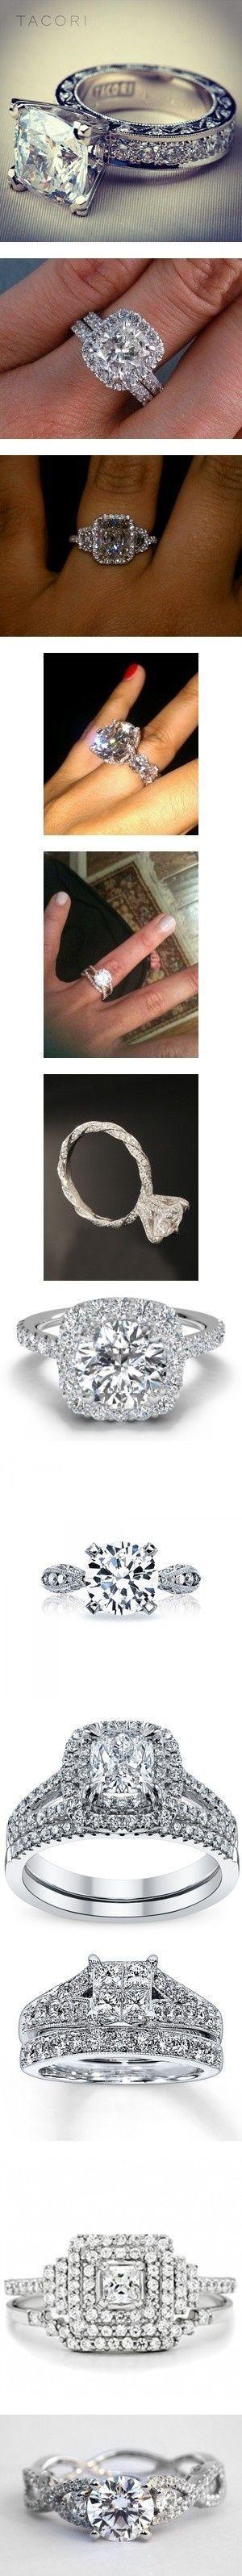 Anillos de boda y compromiso | bodatotal.com | wedding rings, engagement rings, boda, novias, bride to be